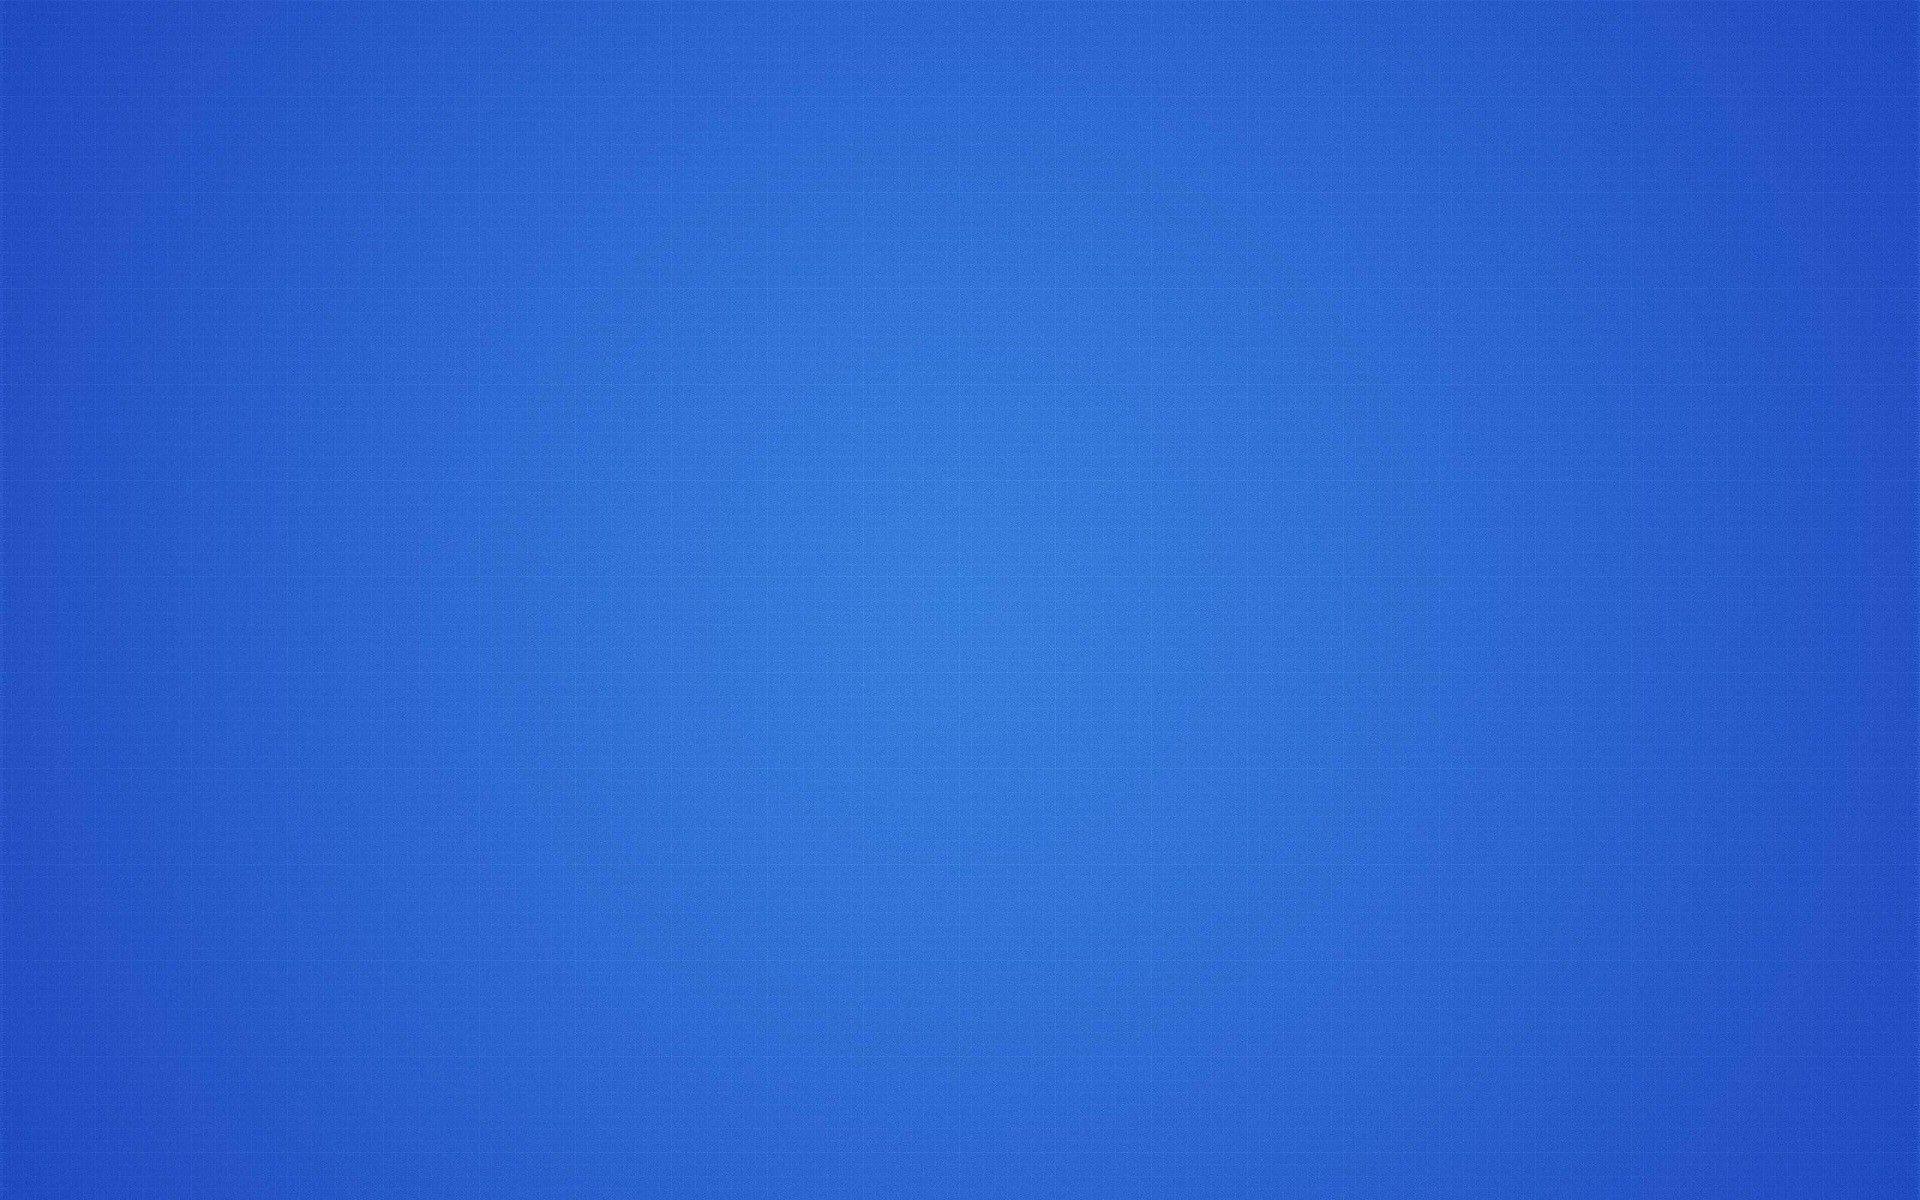 Hình nền 1920x1200 Blue Plain